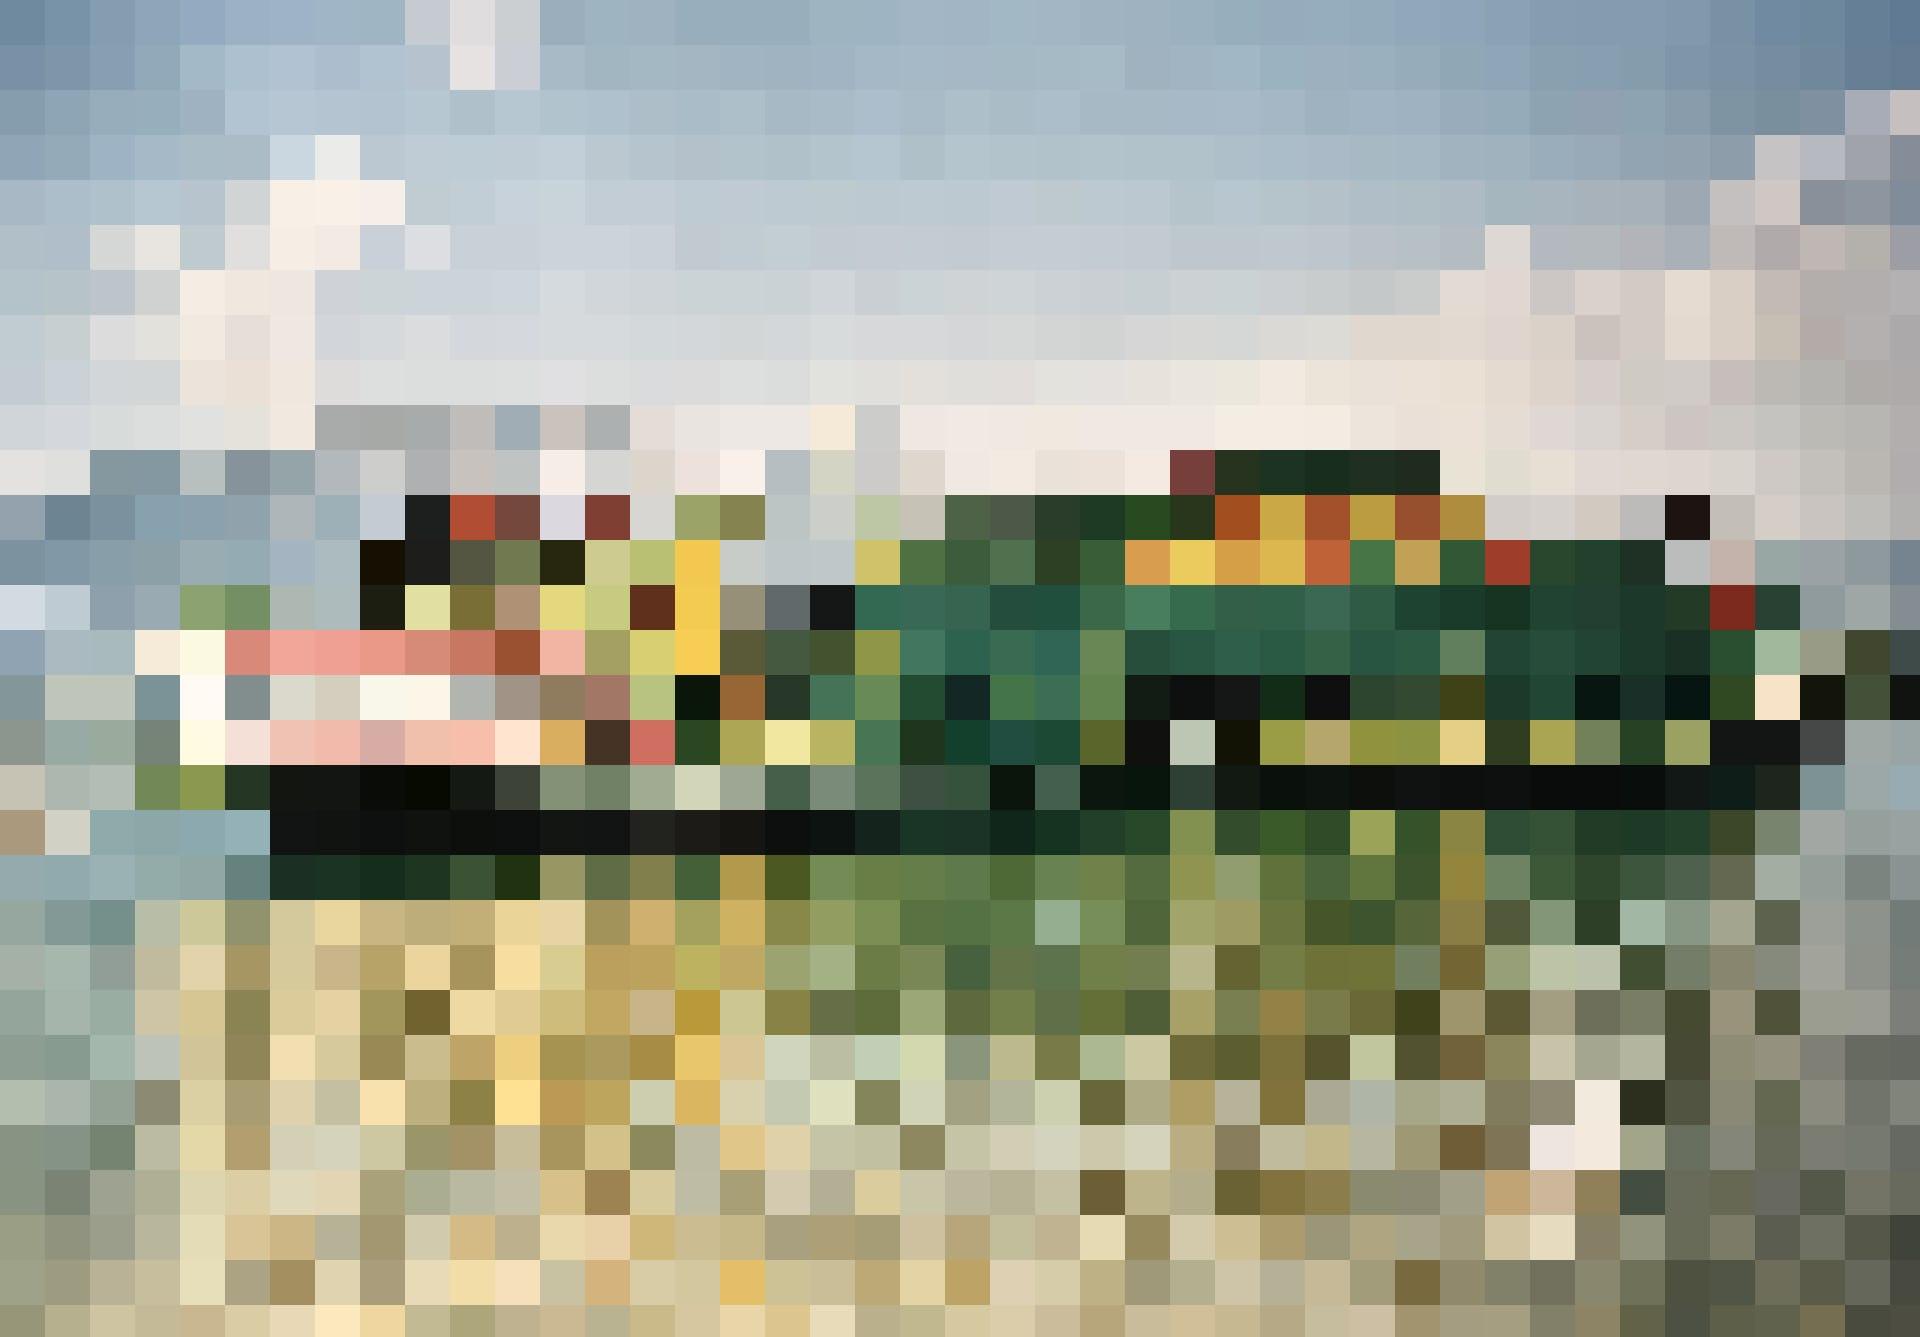 Dank diesem Grossprojekt wurde Heinz von Gunten bekannt: Die BLS beauftragte ihn, das Kursschiff MS Stadt Thun in ein Drachenboot umzuwandeln.